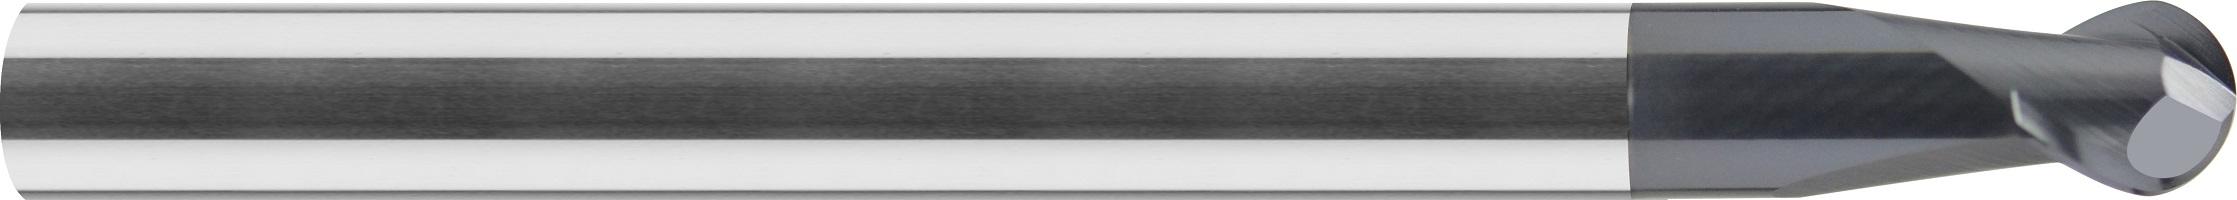 Minifrez, kulowy, Z-2, HA, z obniżeniem, HSC, 65 HRC VHM ALTiN (449)